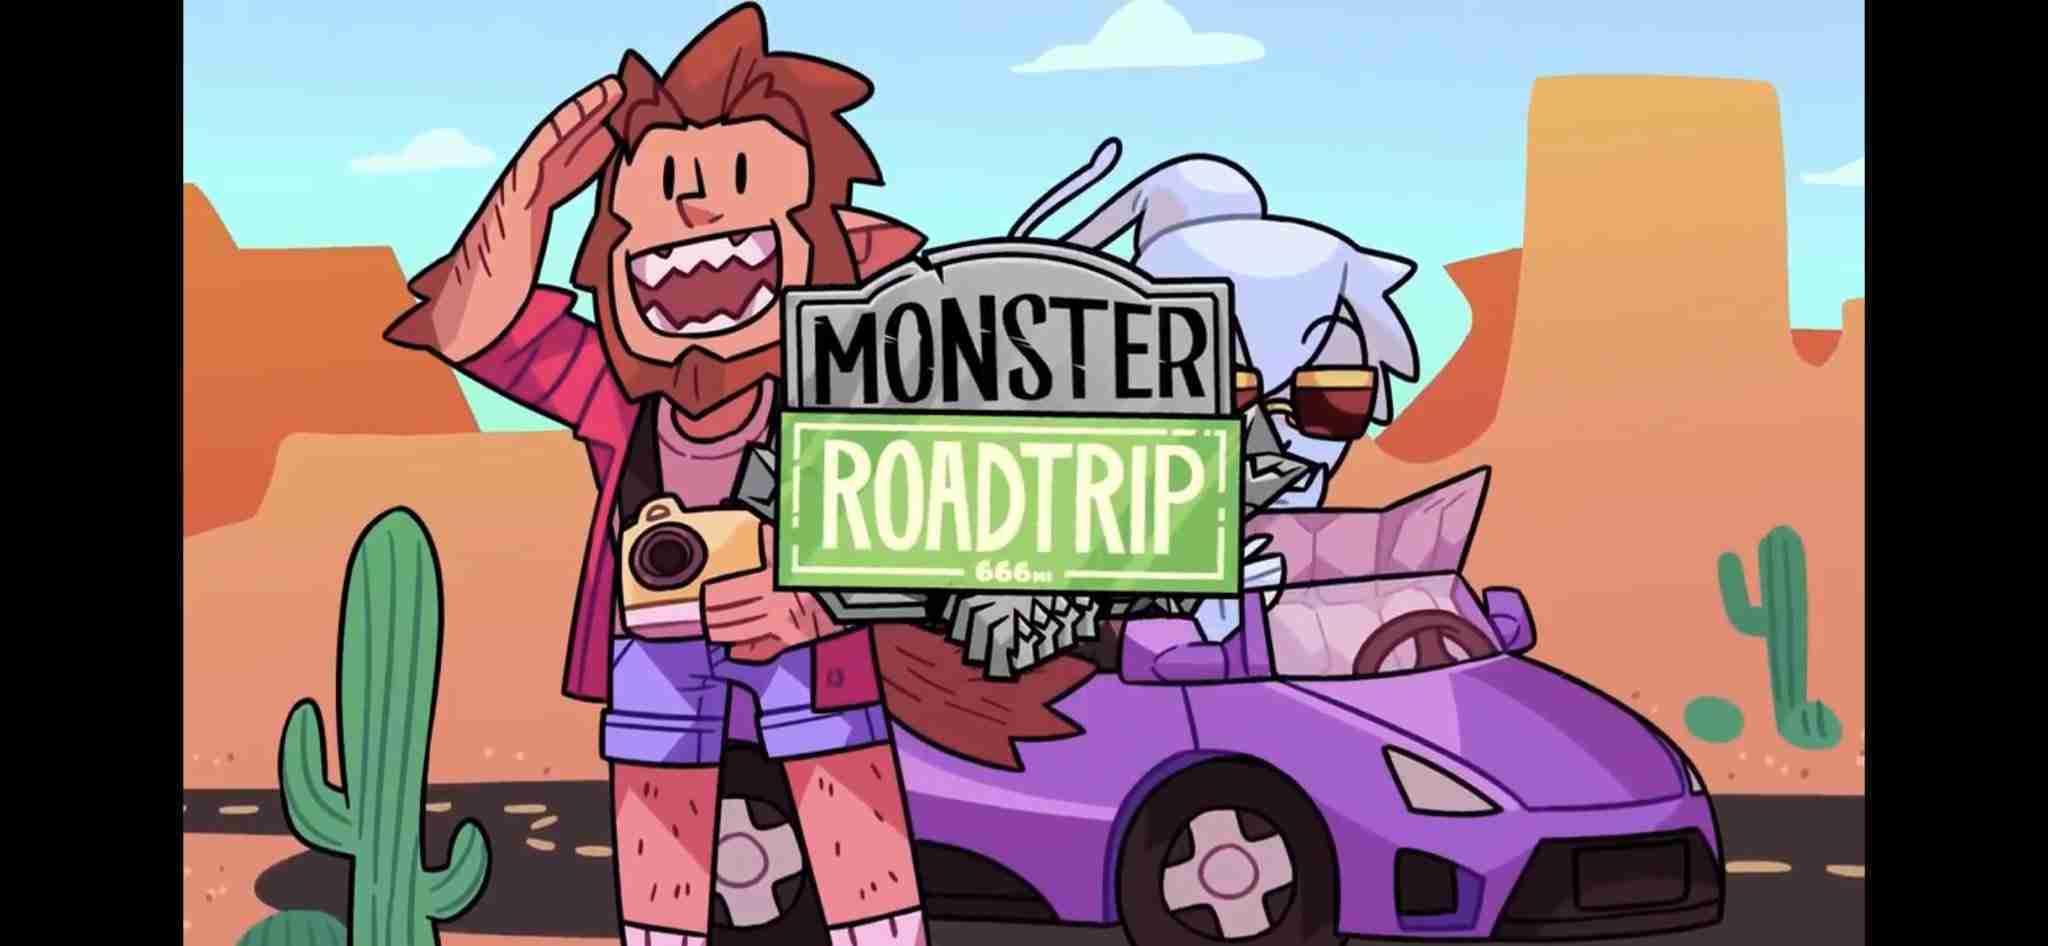 Monster Roadtrip: A Roadmap